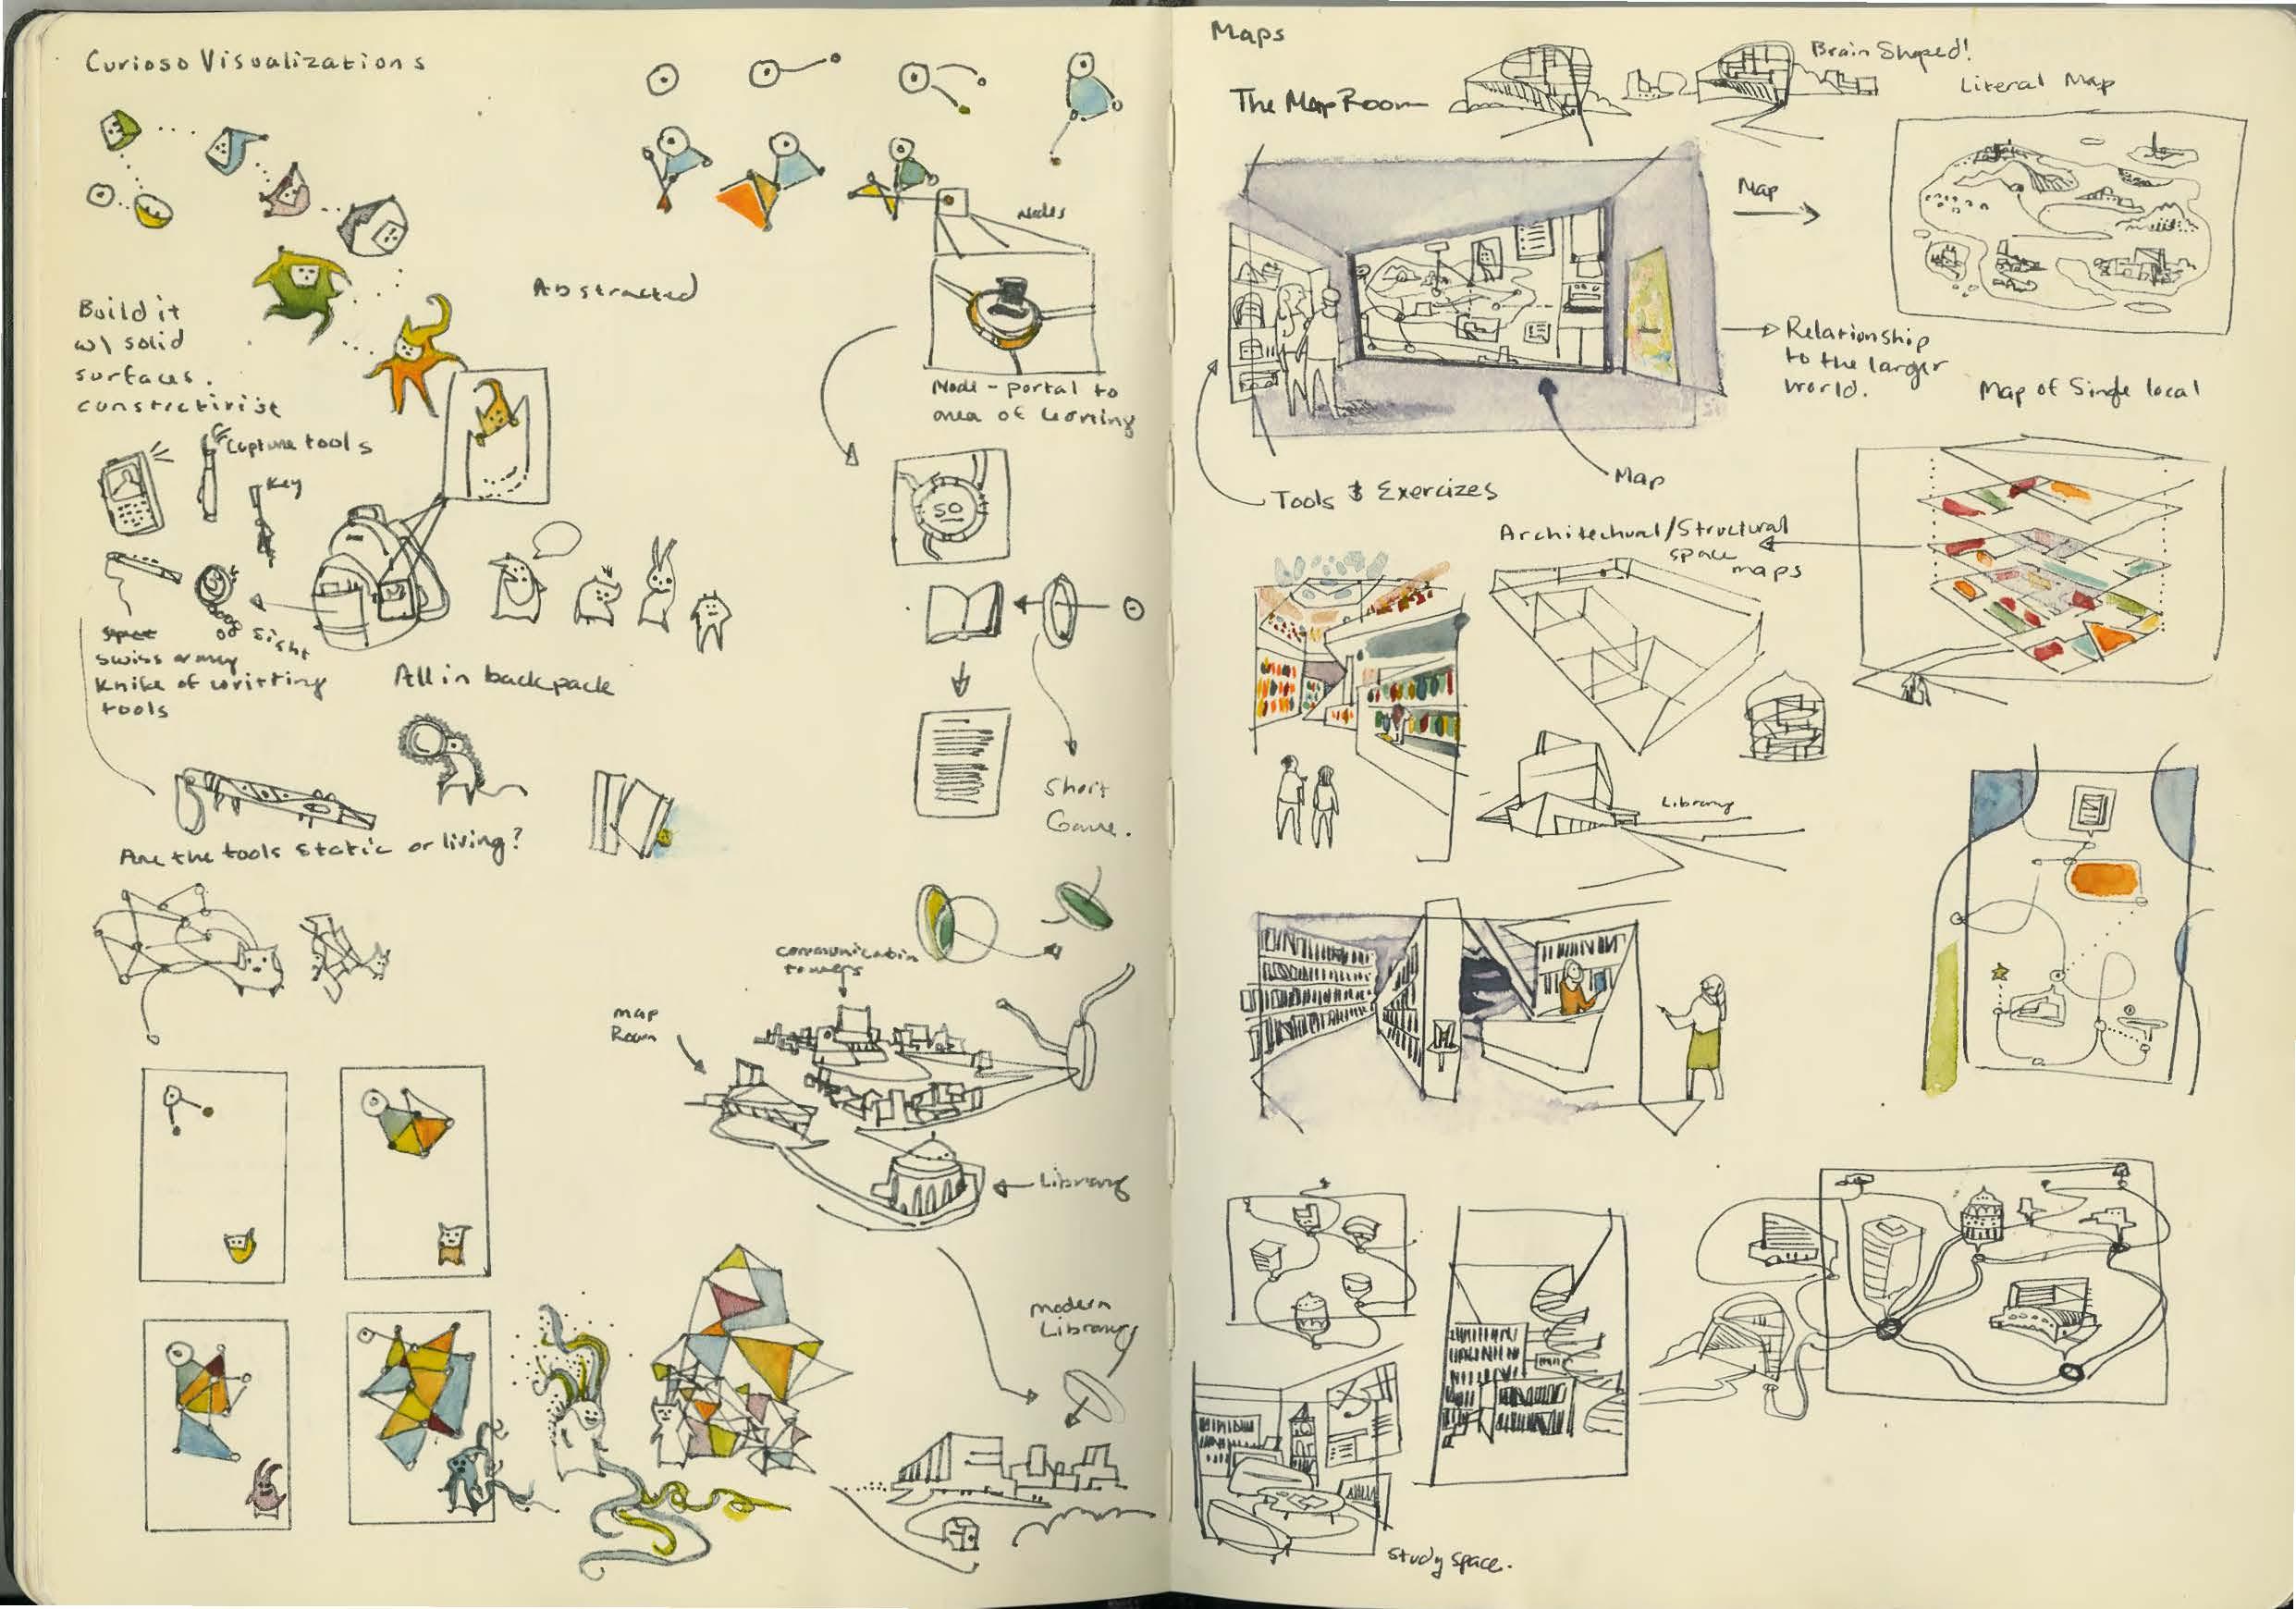 Librariana_SkBk_Page_13.jpg